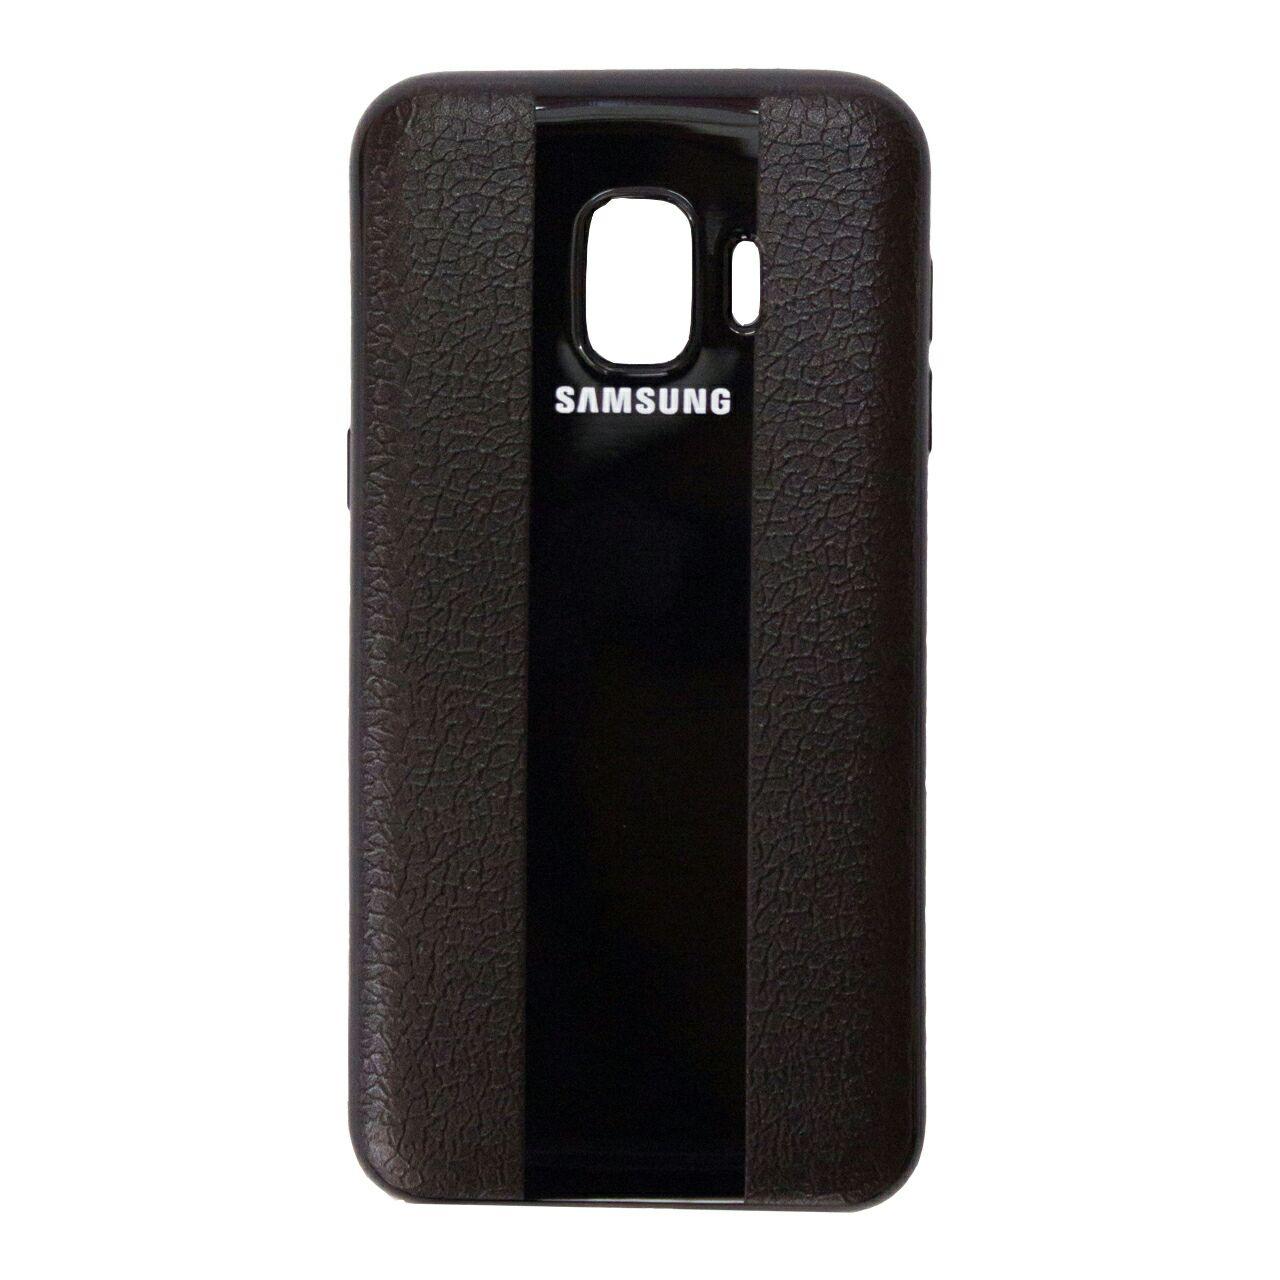 کاور بلکین مدل G112 مناسب برای گوشی موبایل سامسونگ Galaxy J2 core